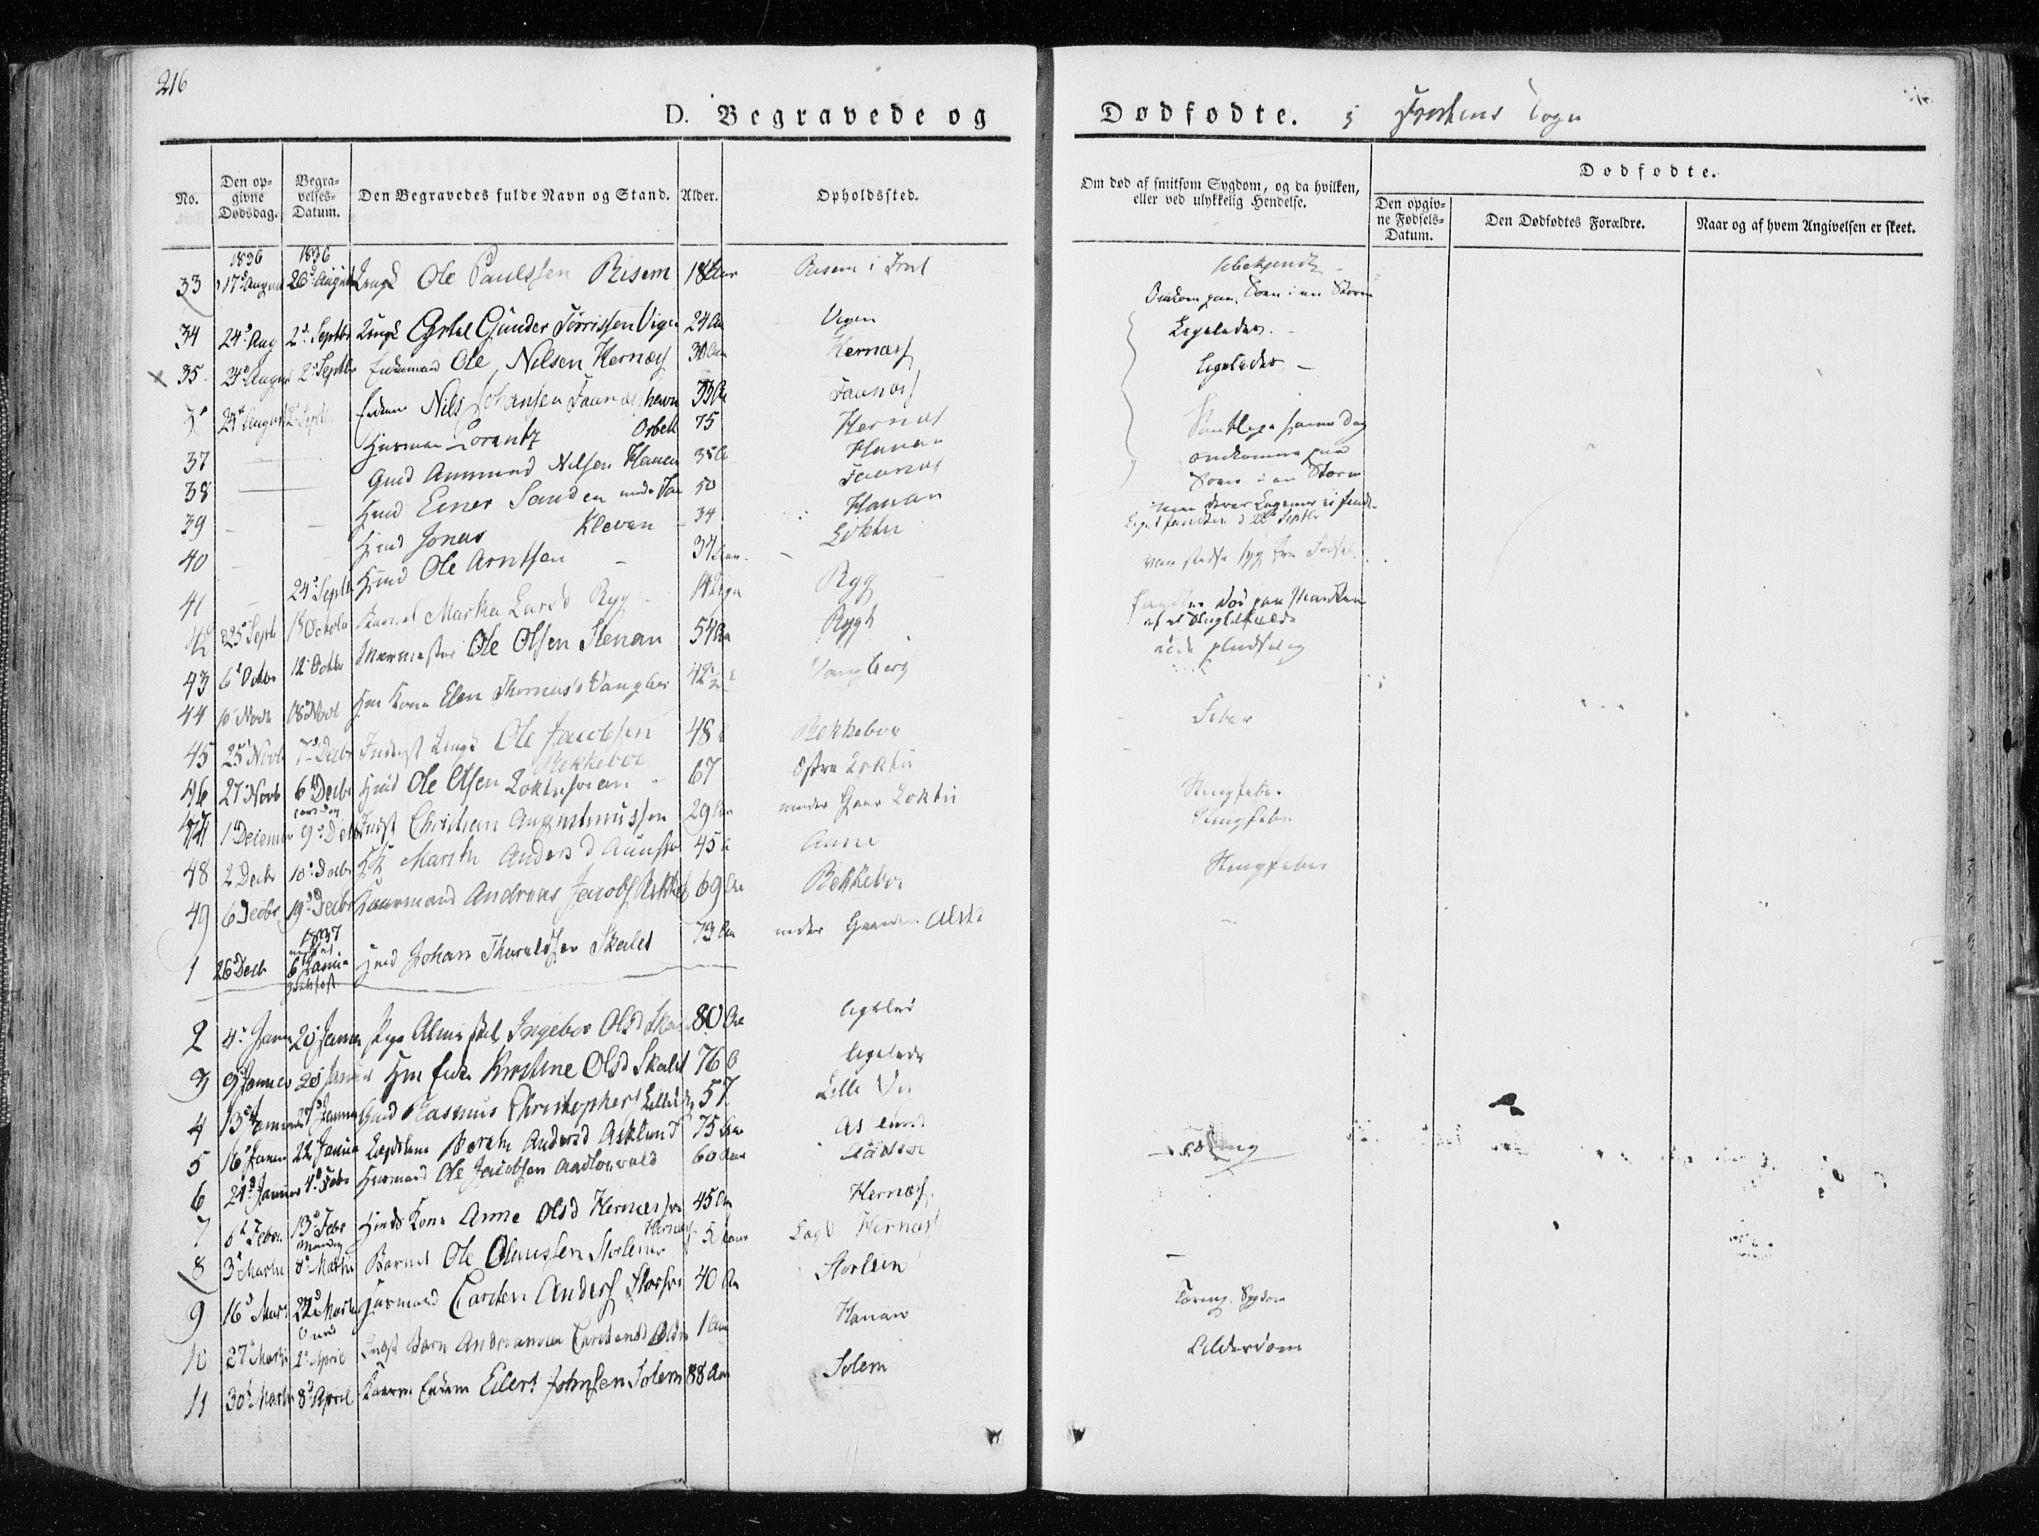 SAT, Ministerialprotokoller, klokkerbøker og fødselsregistre - Nord-Trøndelag, 713/L0114: Ministerialbok nr. 713A05, 1827-1839, s. 216